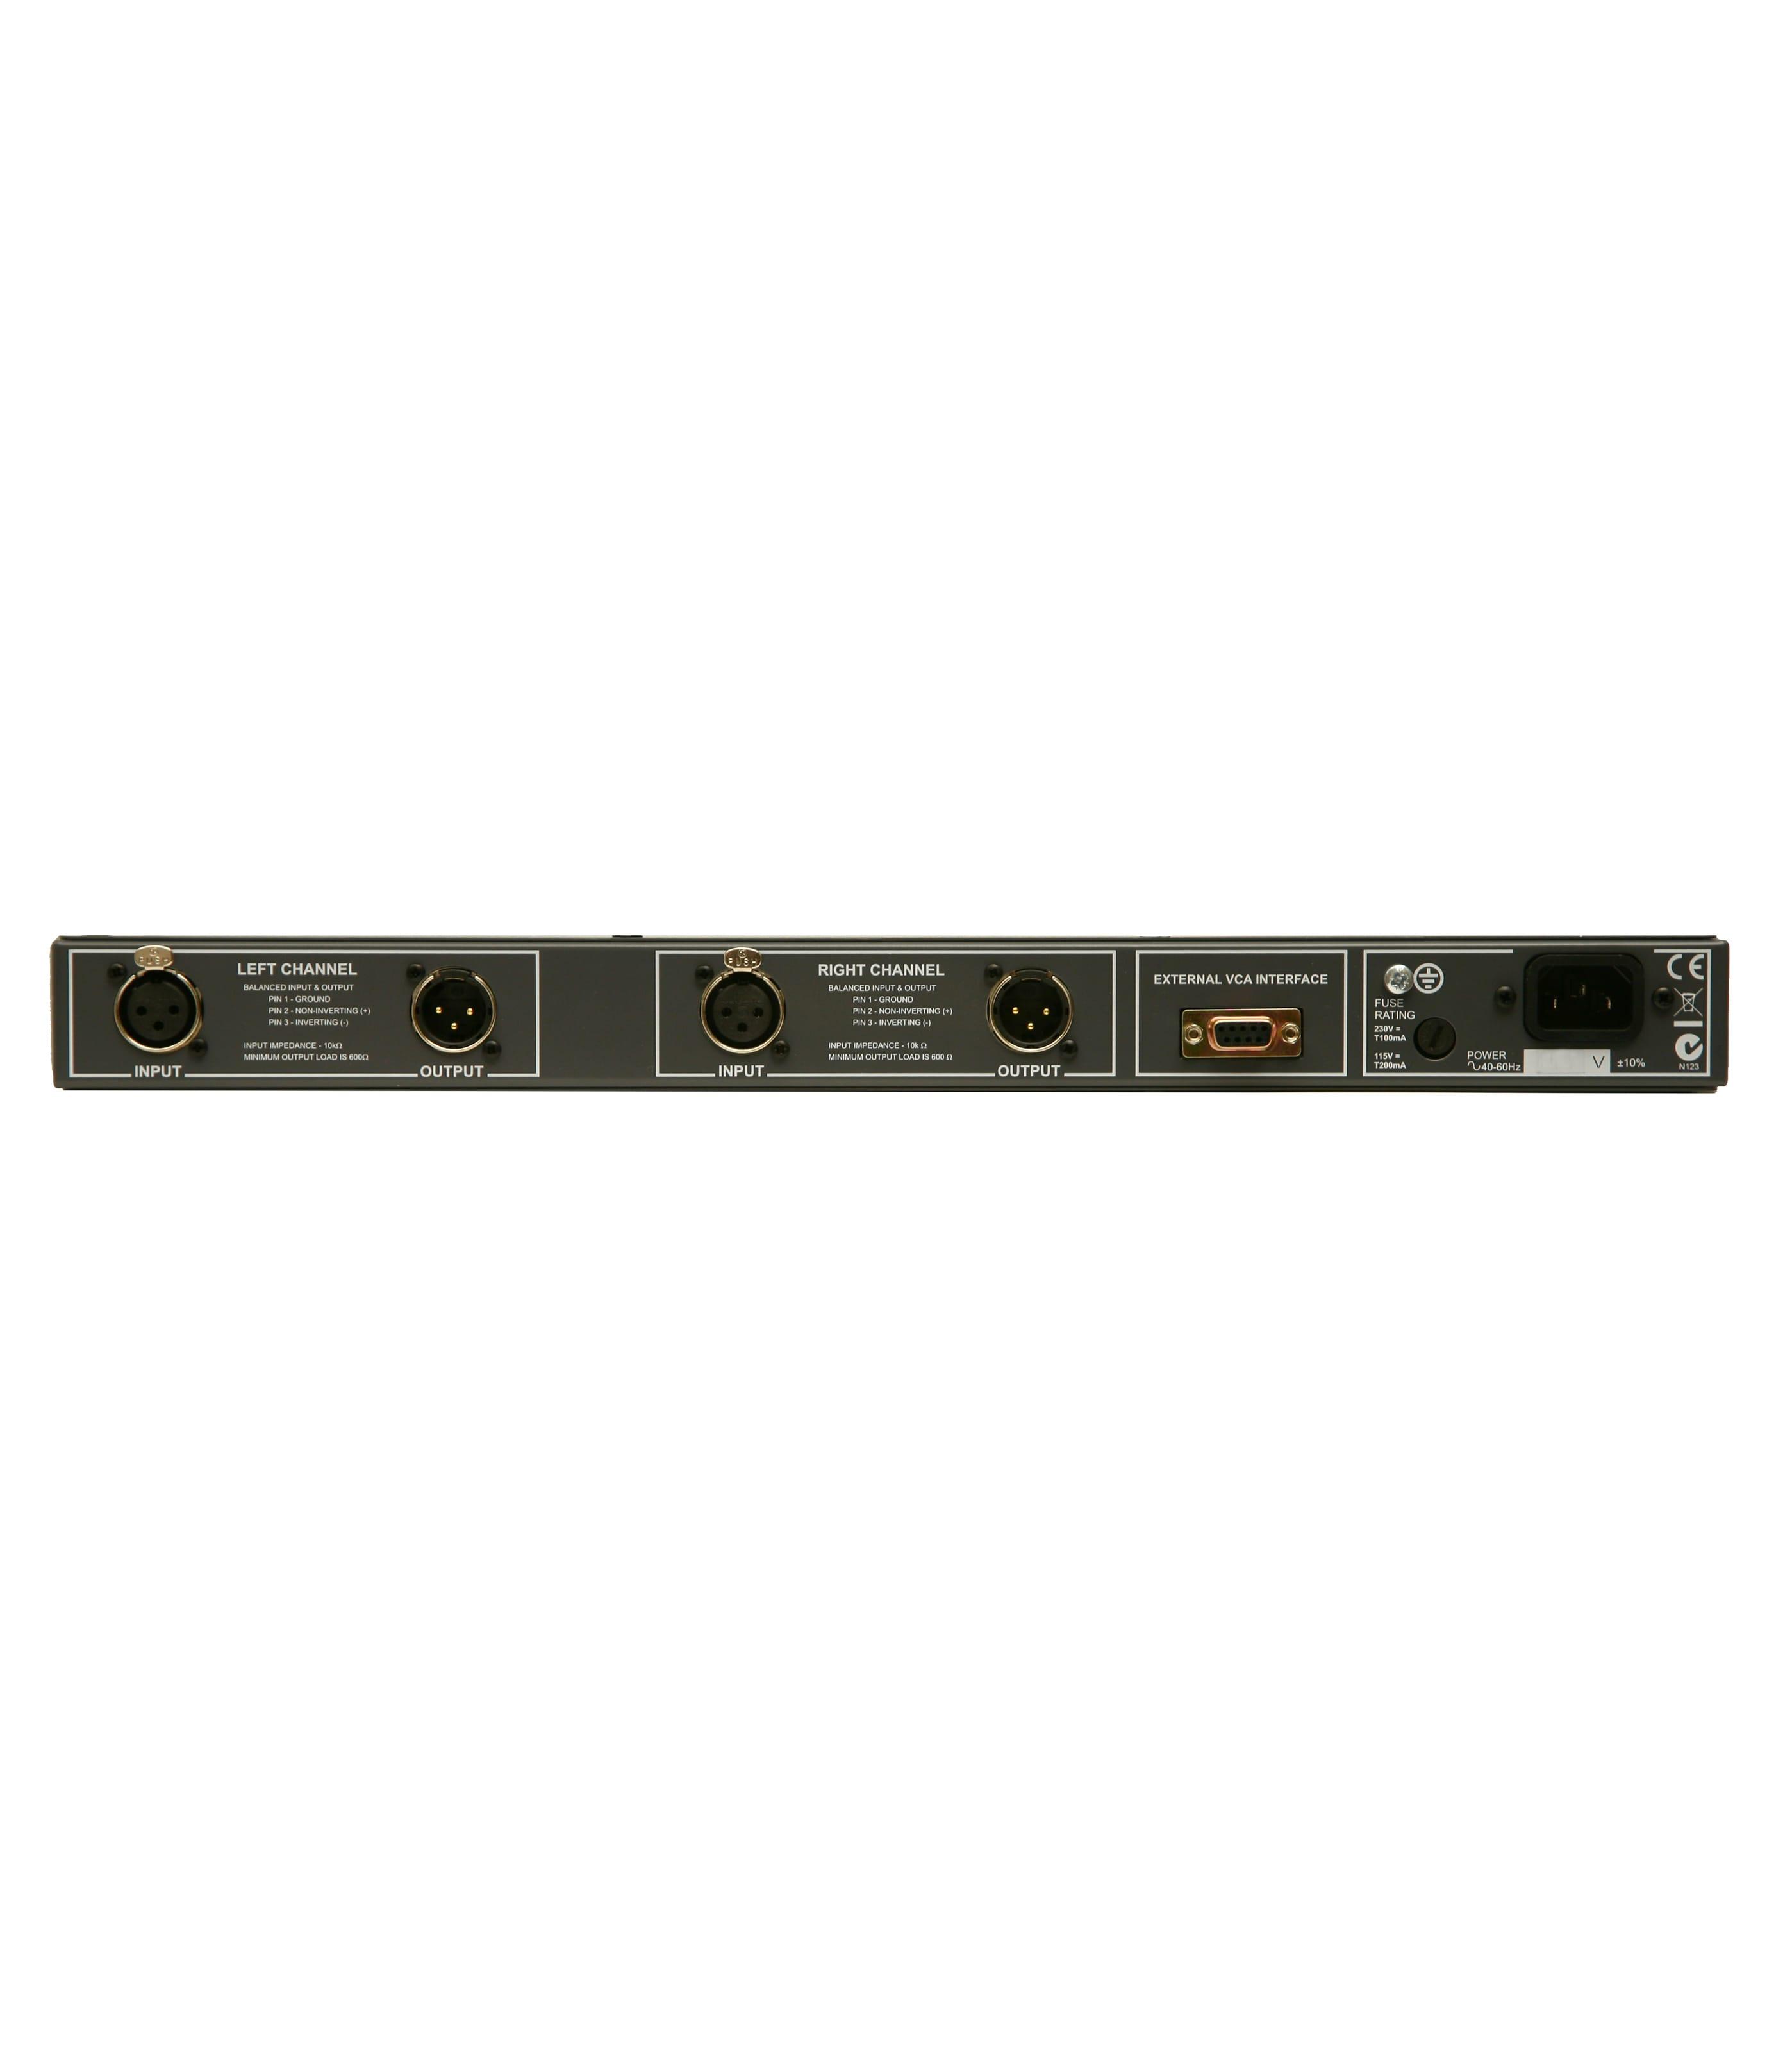 CX335 - Buy Online